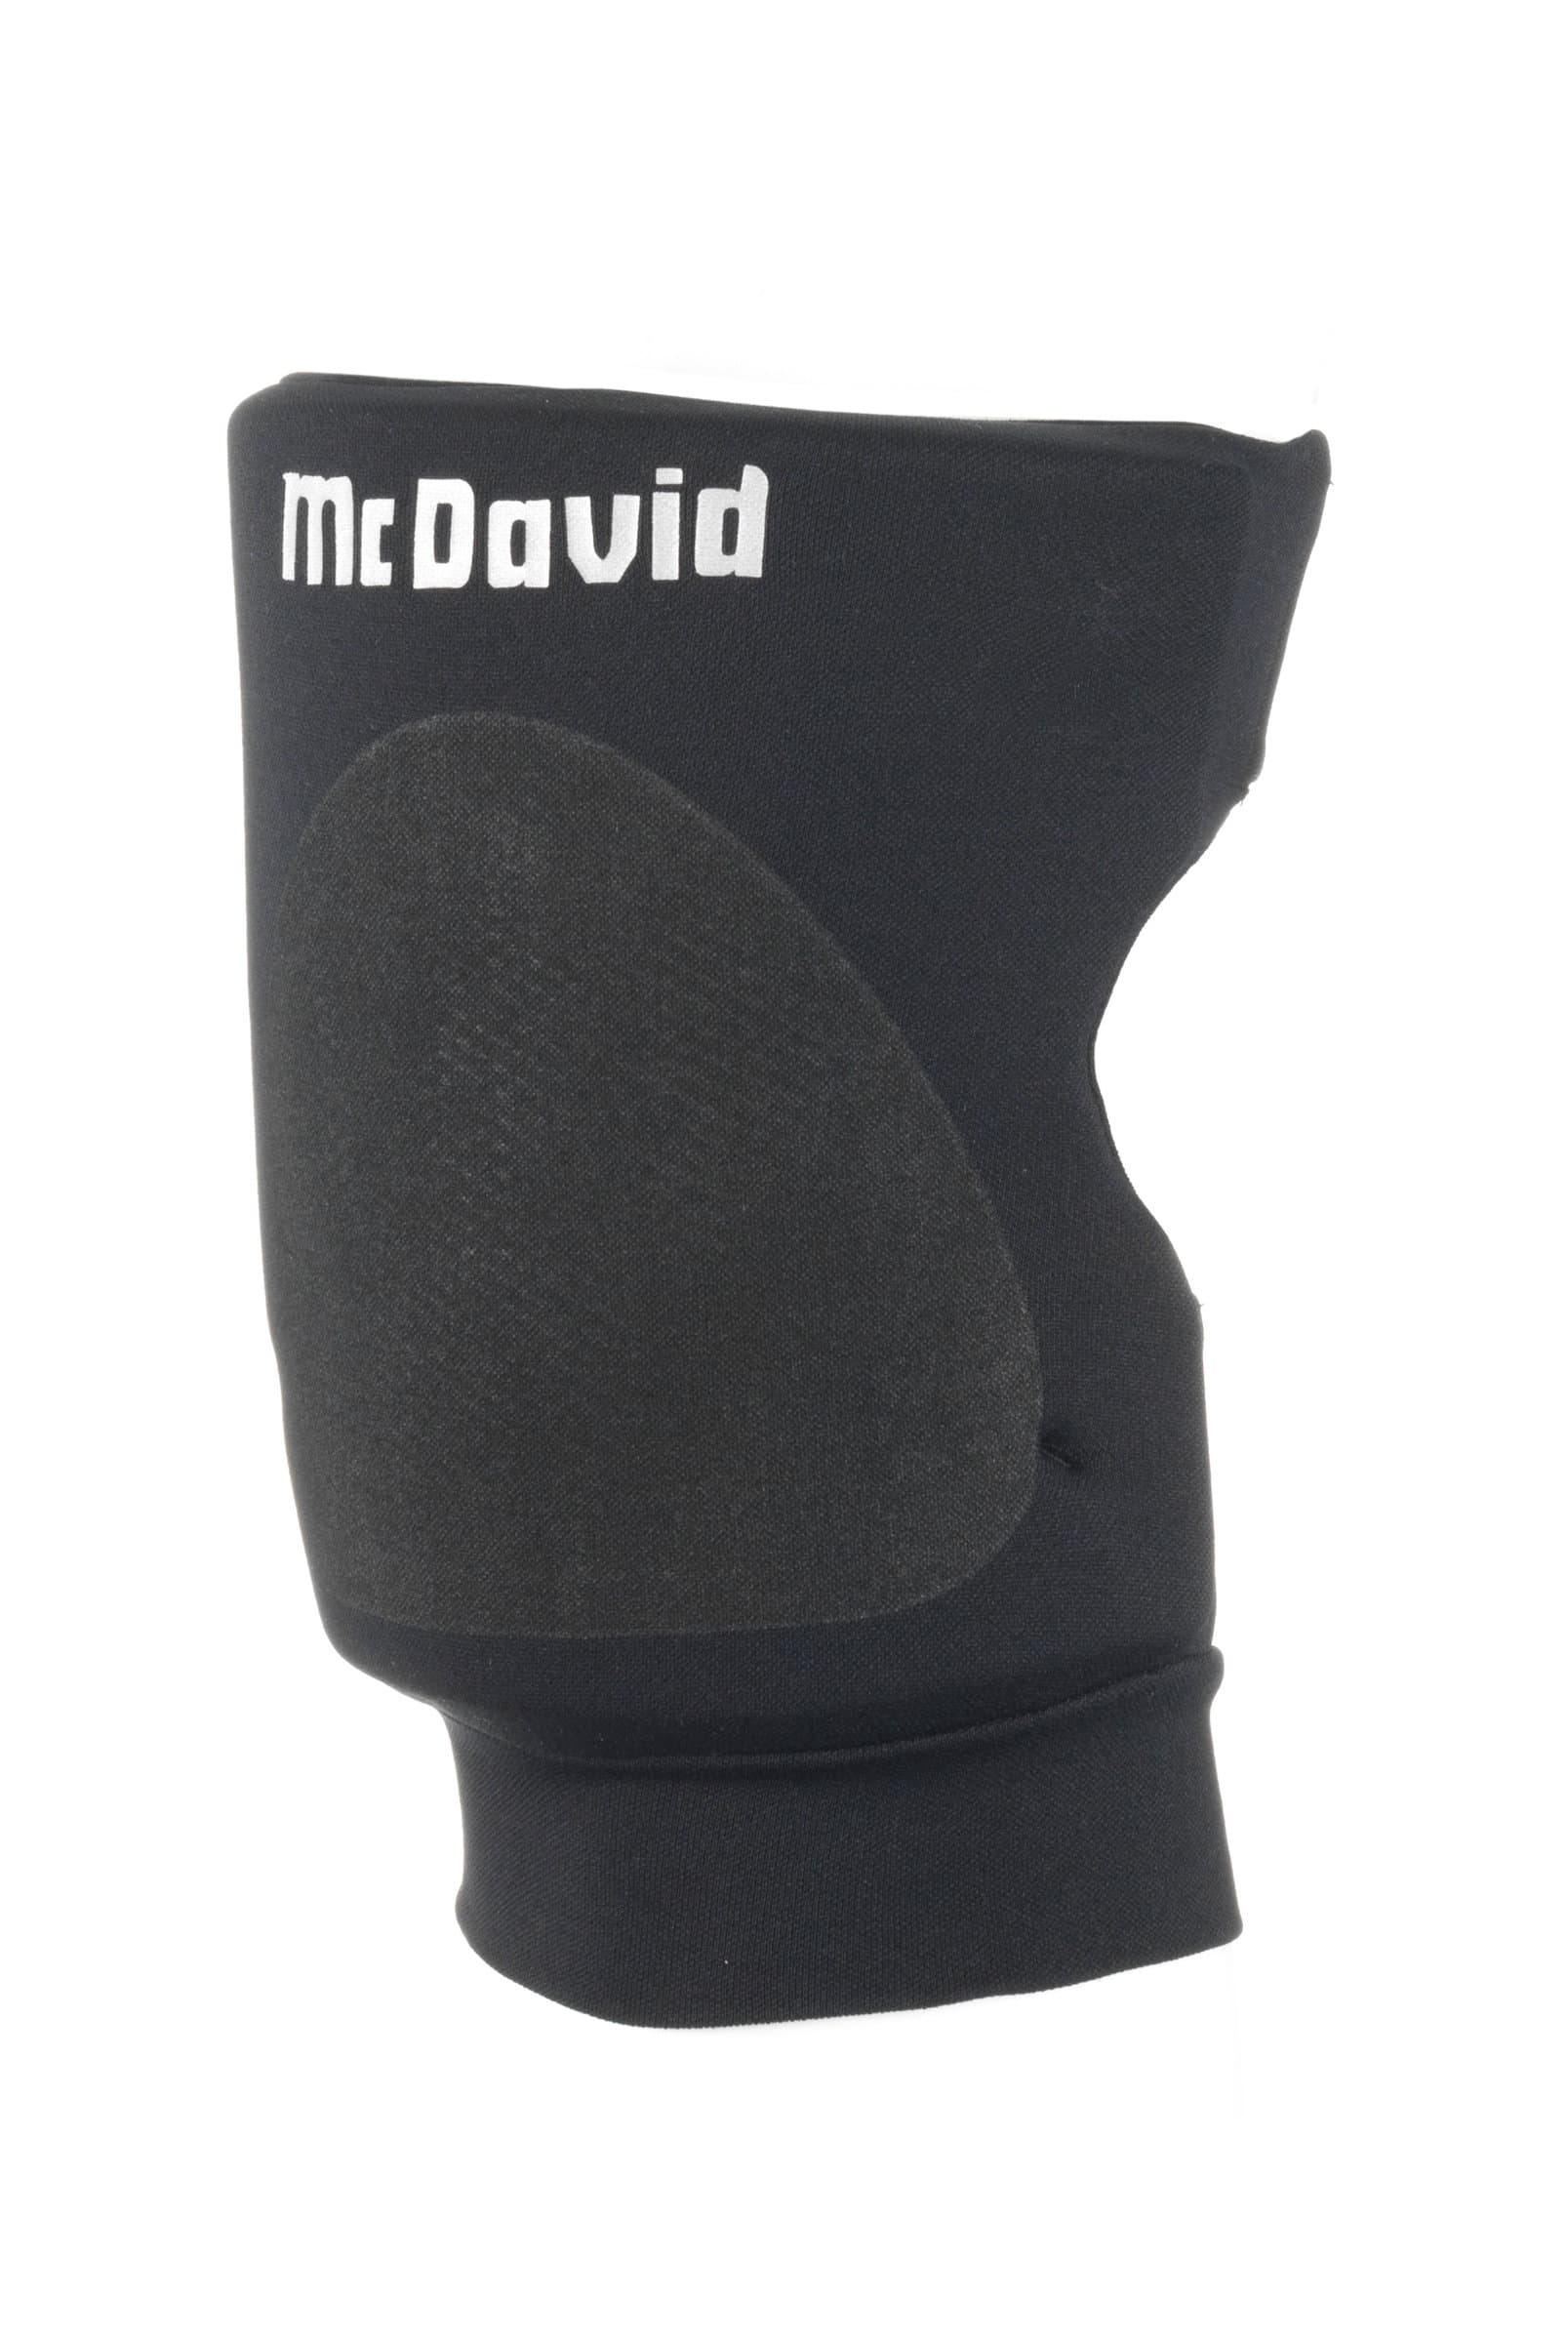 Mcdavid Ginocchiere (1 paio) Ginocchiere per pallavolo